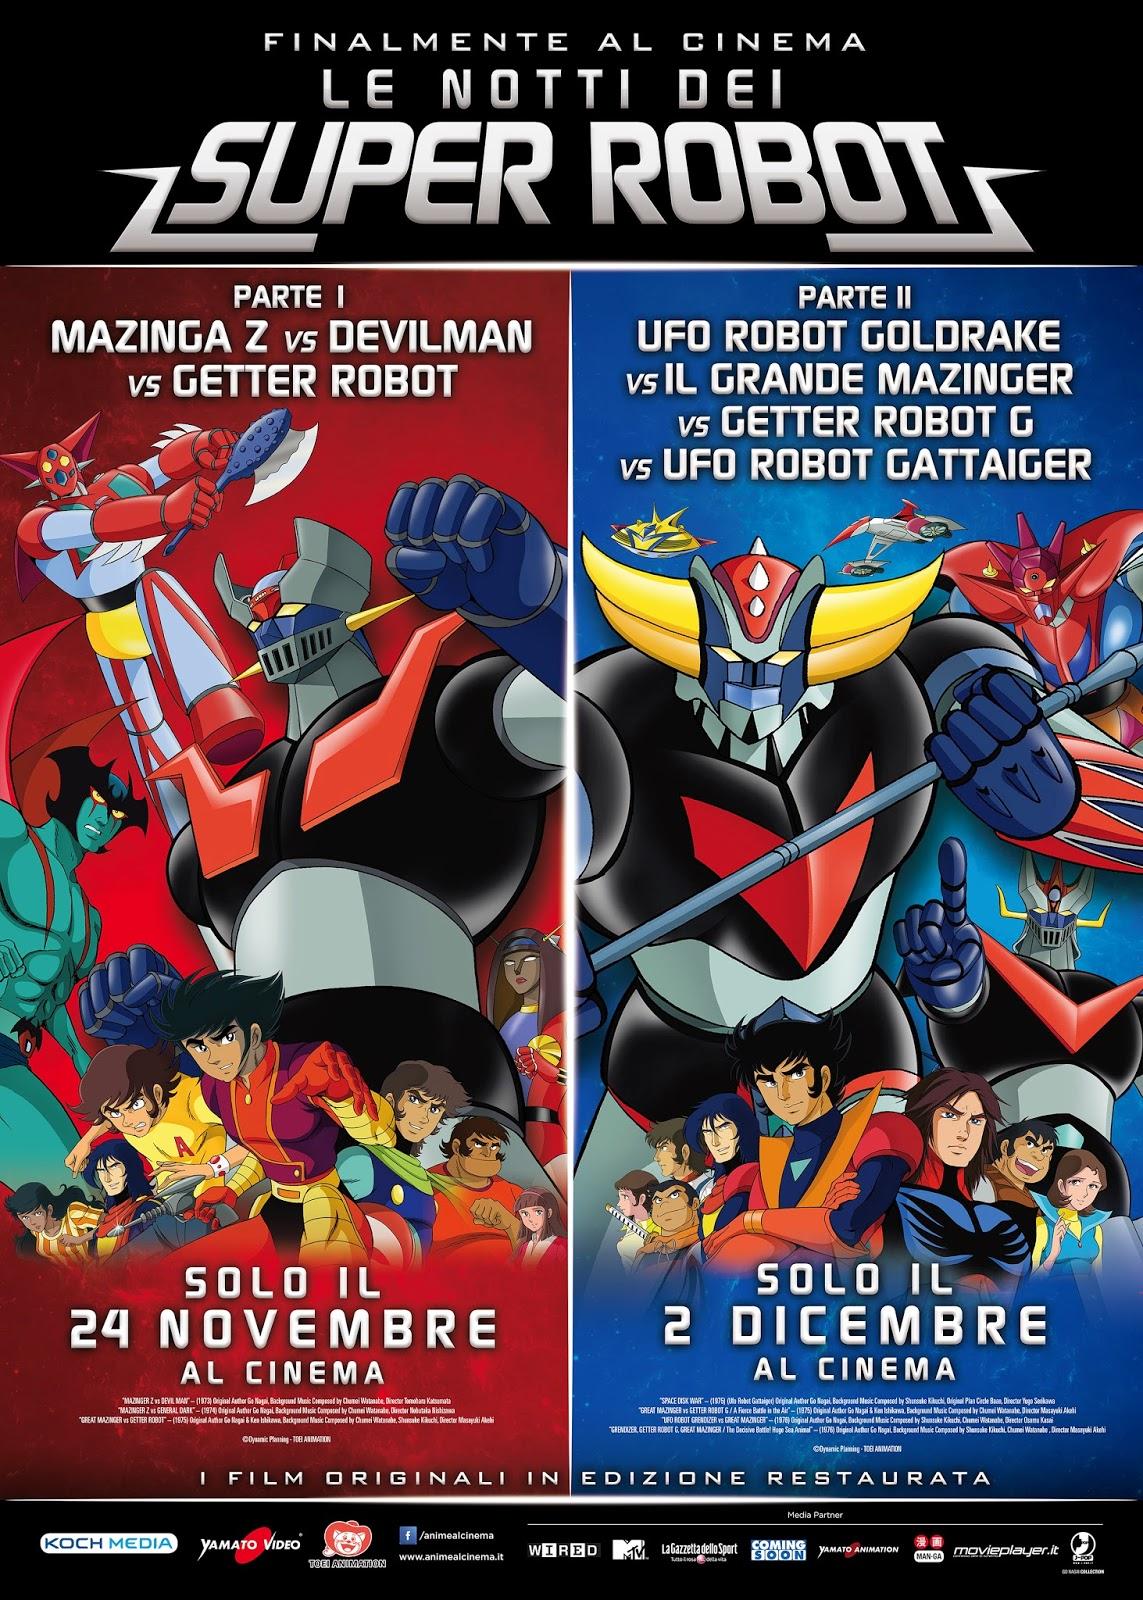 GOLDRAKE, DEVILMAN, MAZINGA E GETTER AL CINEMA NELLE NOTTI DEI SUPER ROBOT